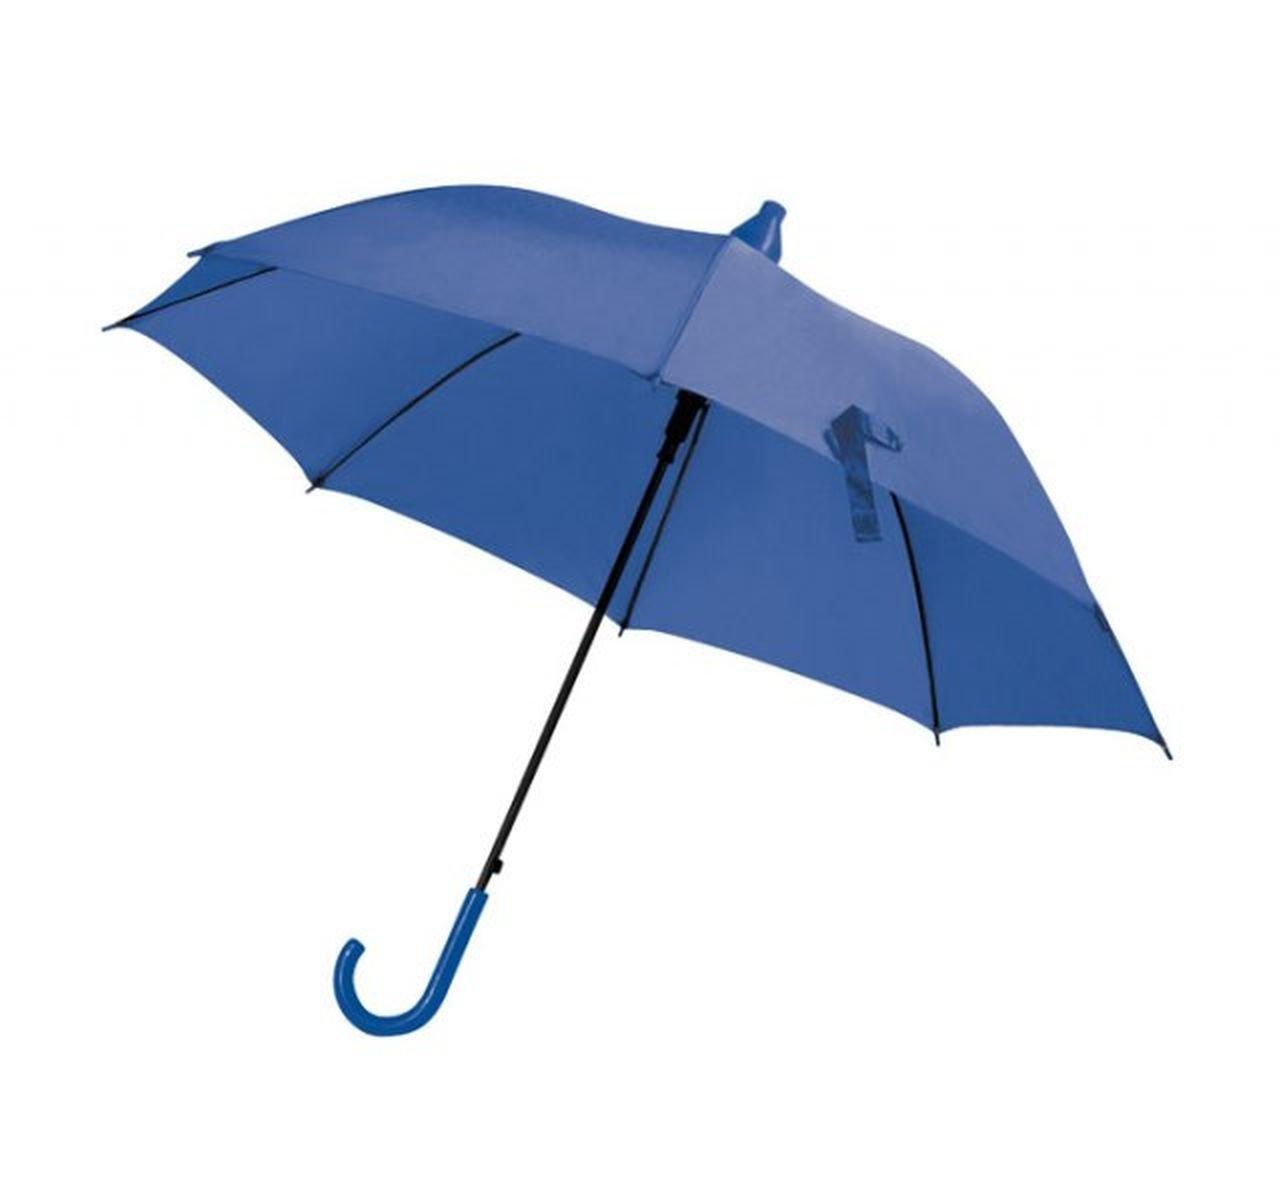 66b9b81993cd Ten Ombrello blu con salvagoccia automatico - cod. EL21008 - Lun.103 cm -